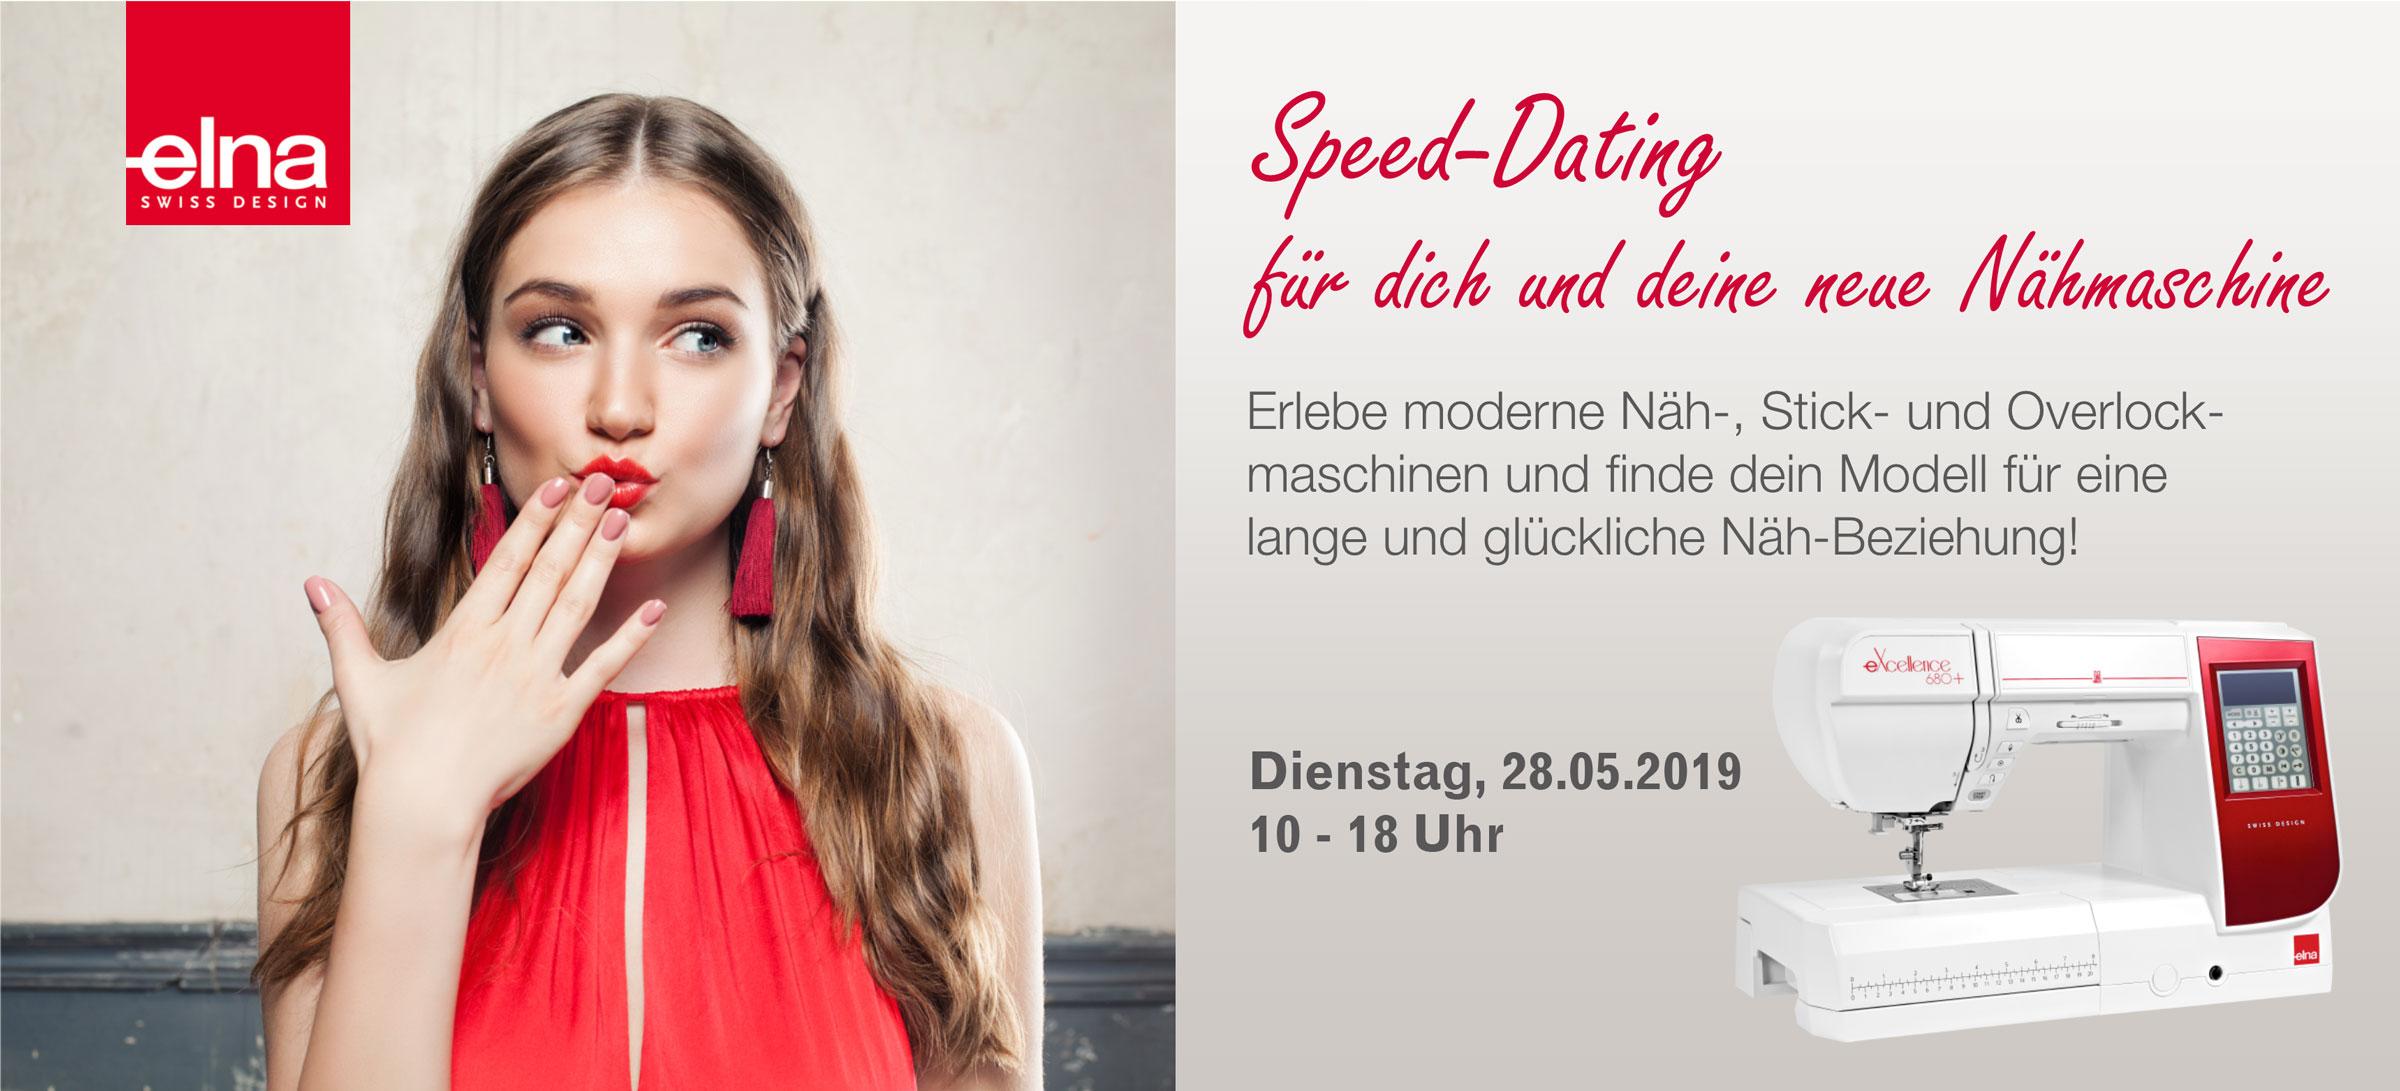 Speed-Dating für dich und deine Nähmaschine